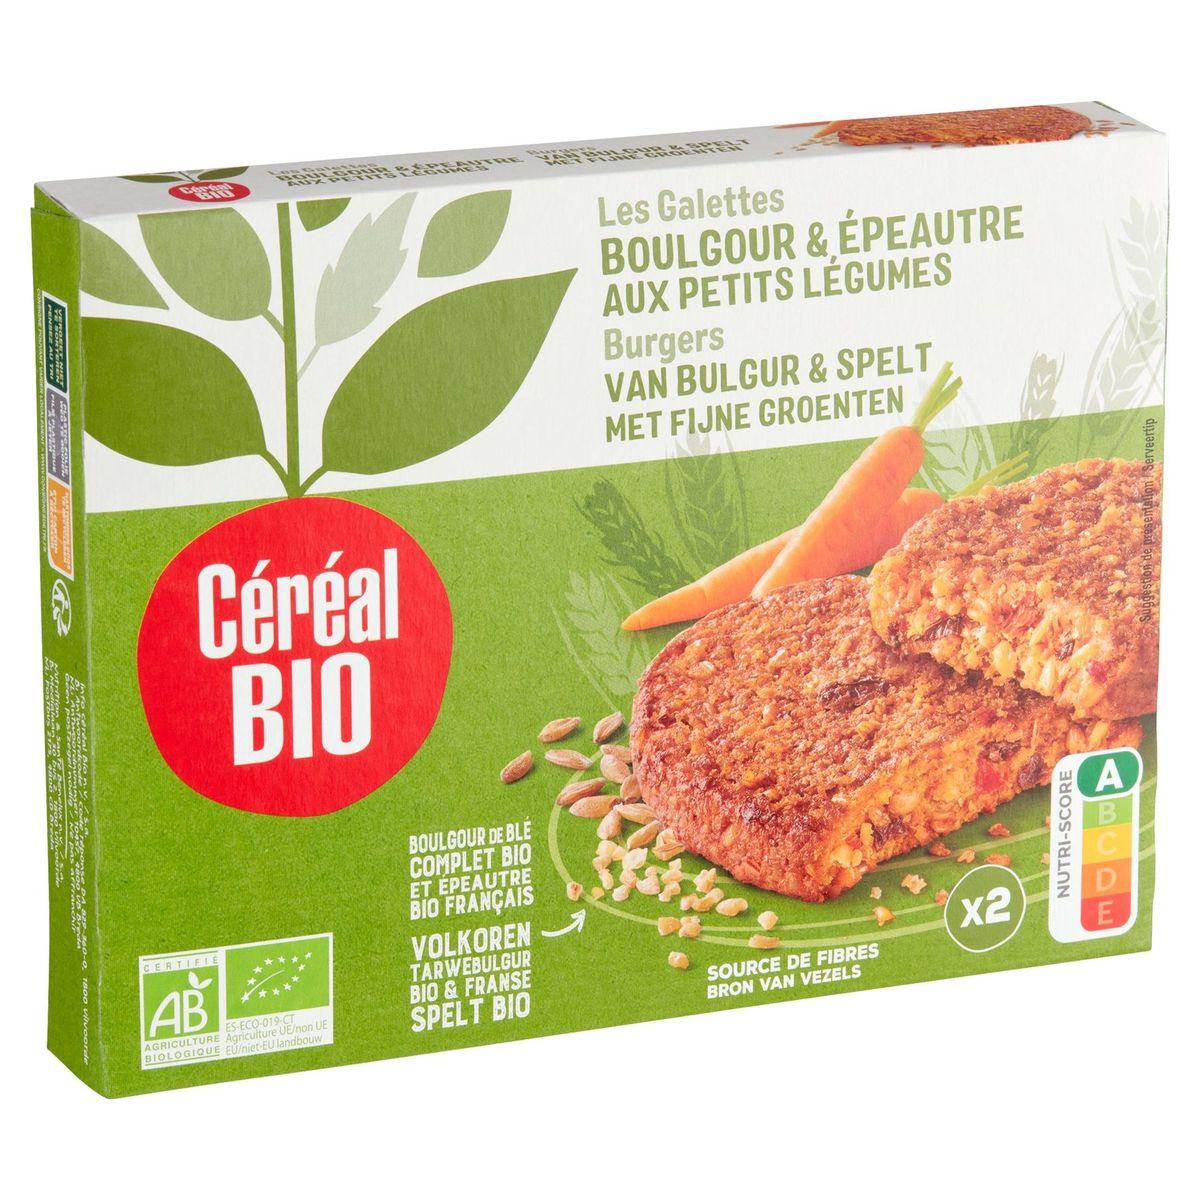 Céréal Bio Galettes Boulghour & Épeautre aux Petits Légumes 2 x 100 g